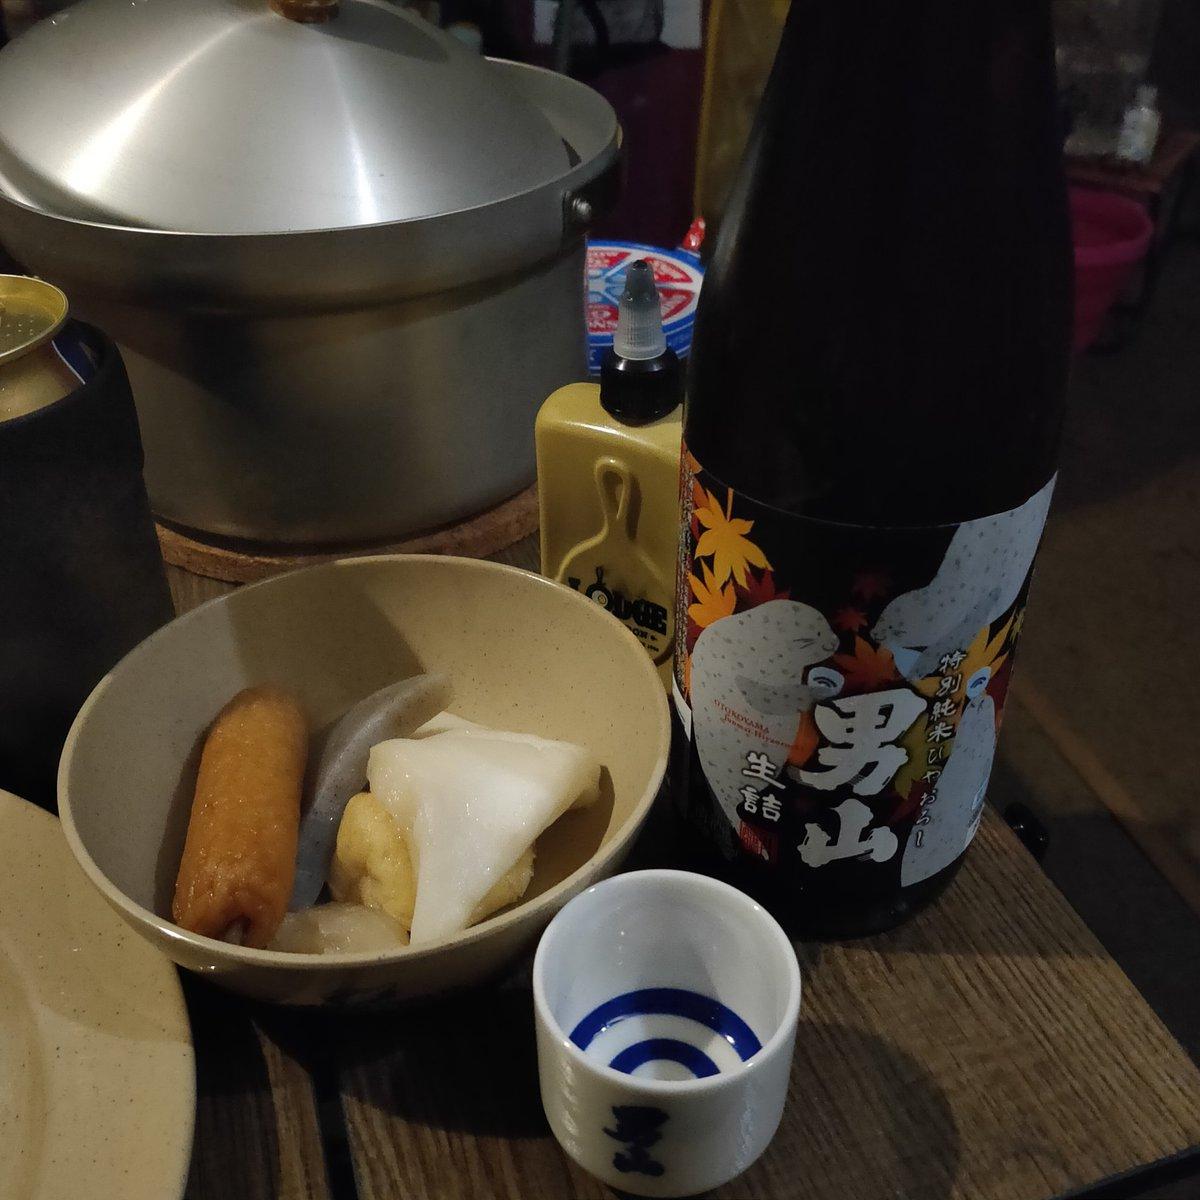 test ツイッターメディア - 男山酒造で買ったひやおろしとおでんが今日のメニュー! https://t.co/OY6RSh6Ua9